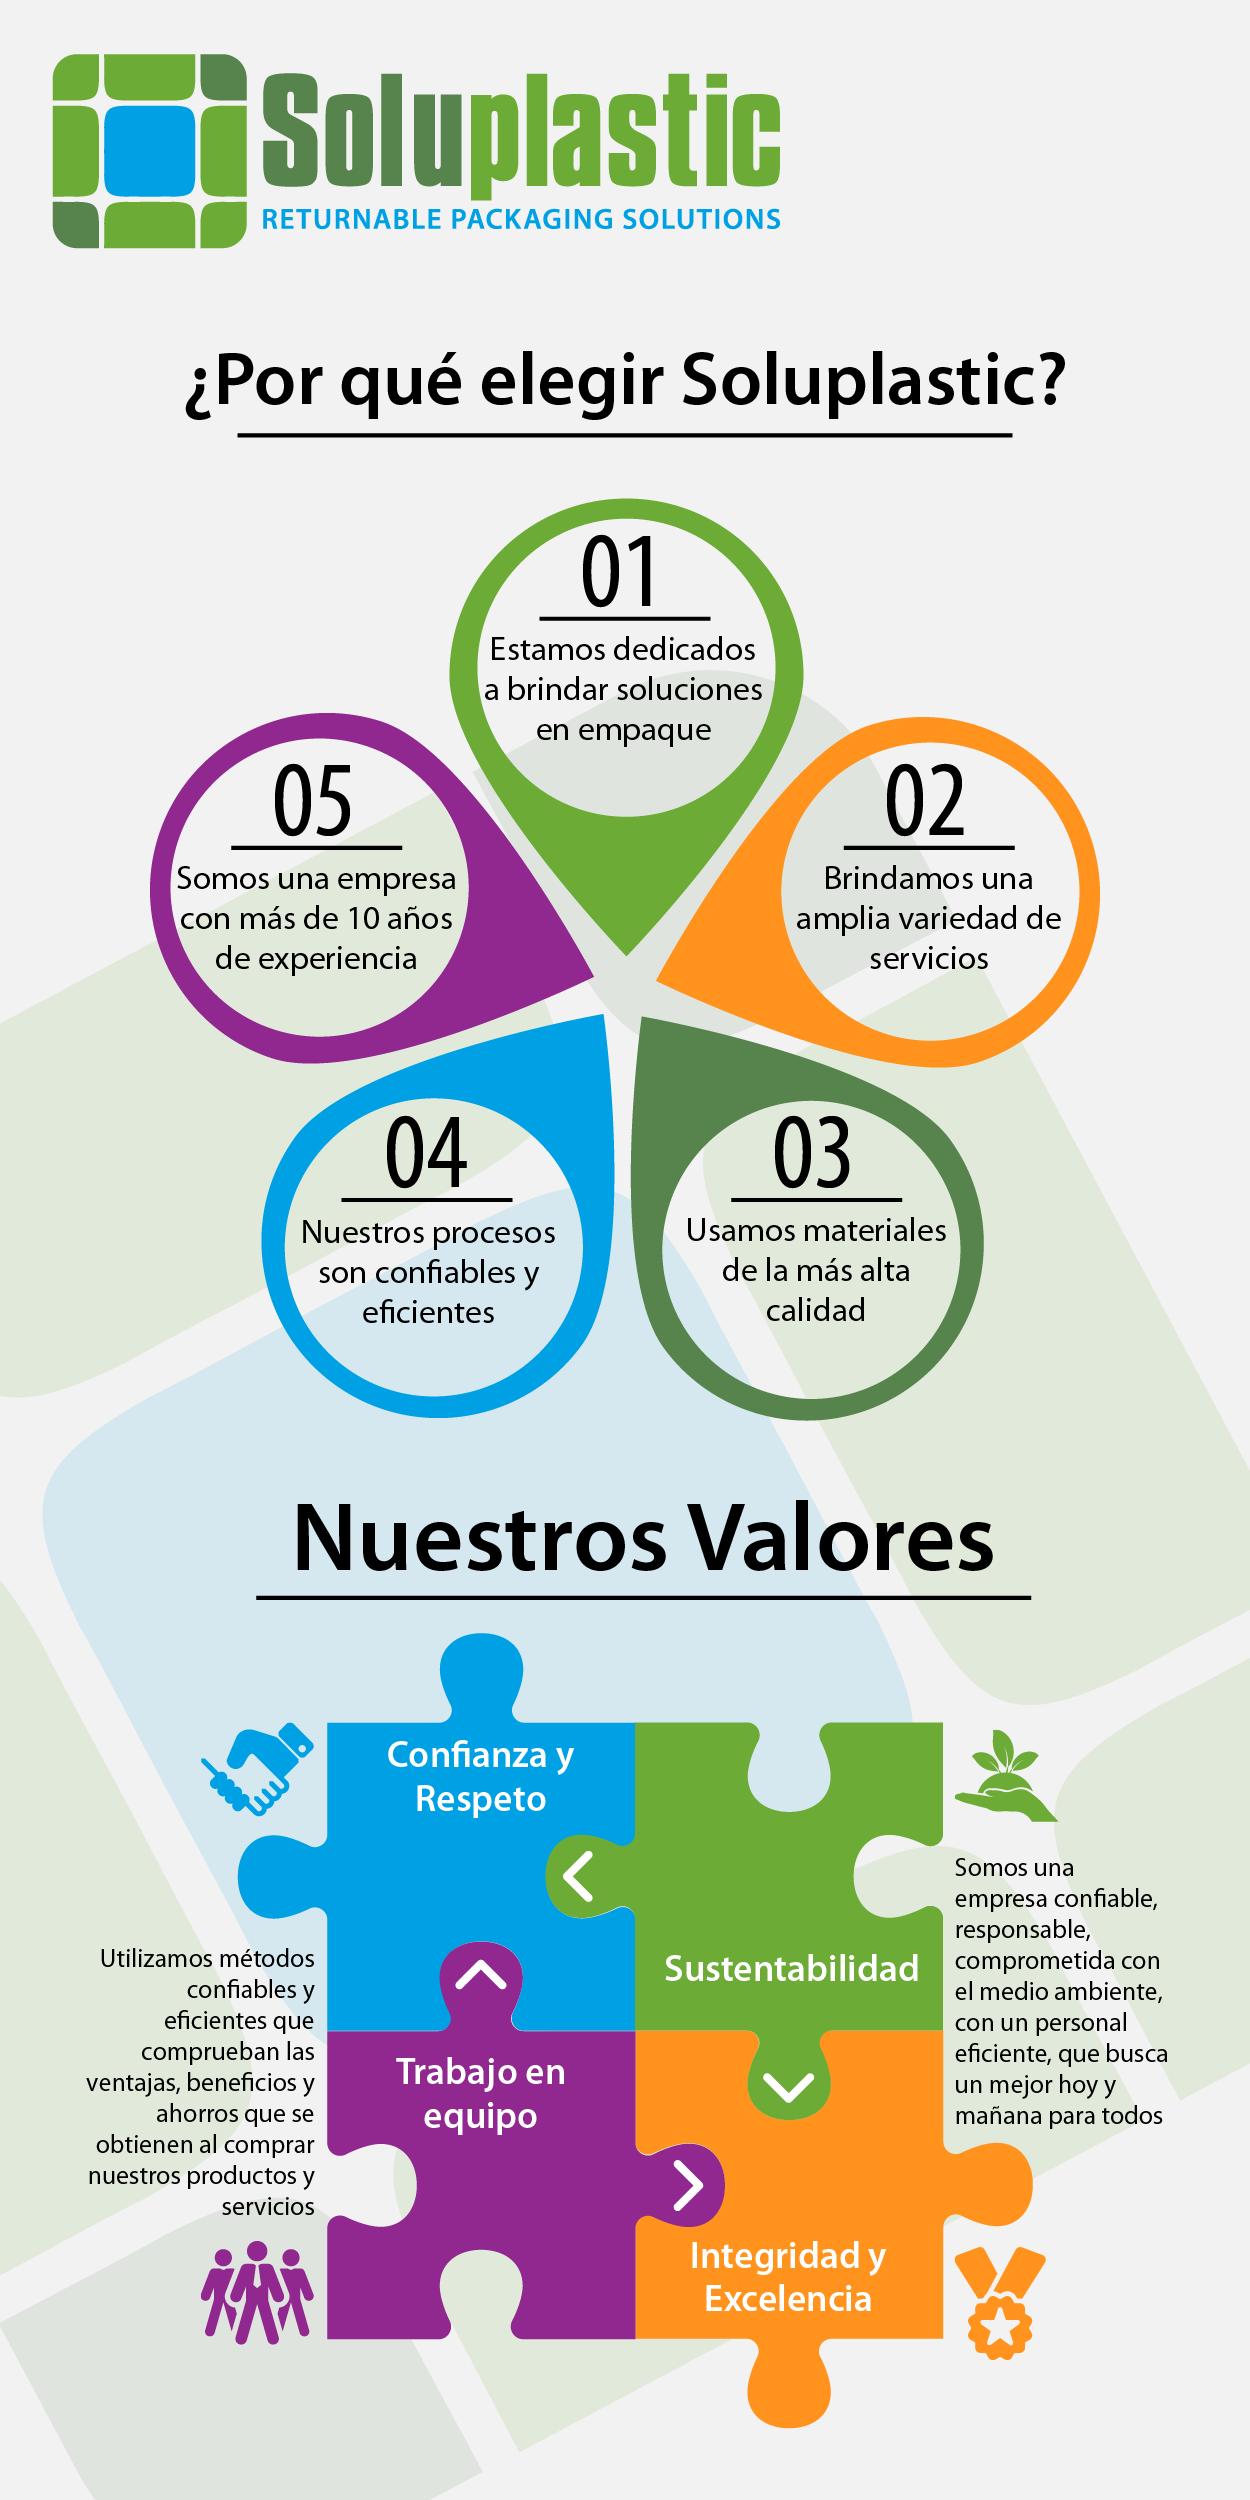 infographic ventajas web 01 - ¿Por qué elegir Soluplastic?